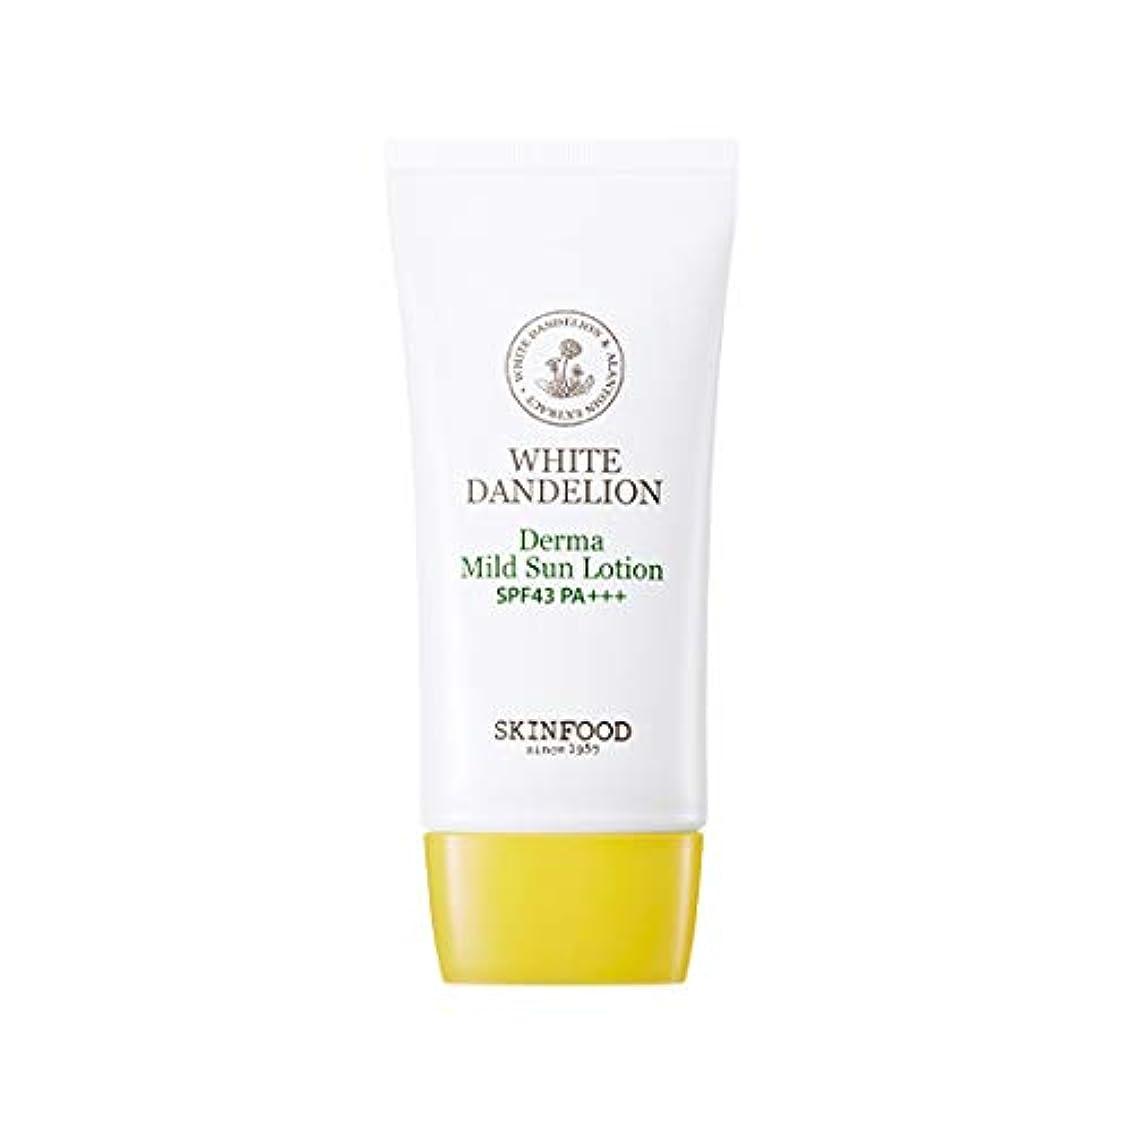 ある補体法令Skinfood ホワイトタンポポダーママイルドサンローションSPF43 PA +++ / White Dandelion Derma Mild Sun Lotion SPF43 PA+++ 50g [並行輸入品]